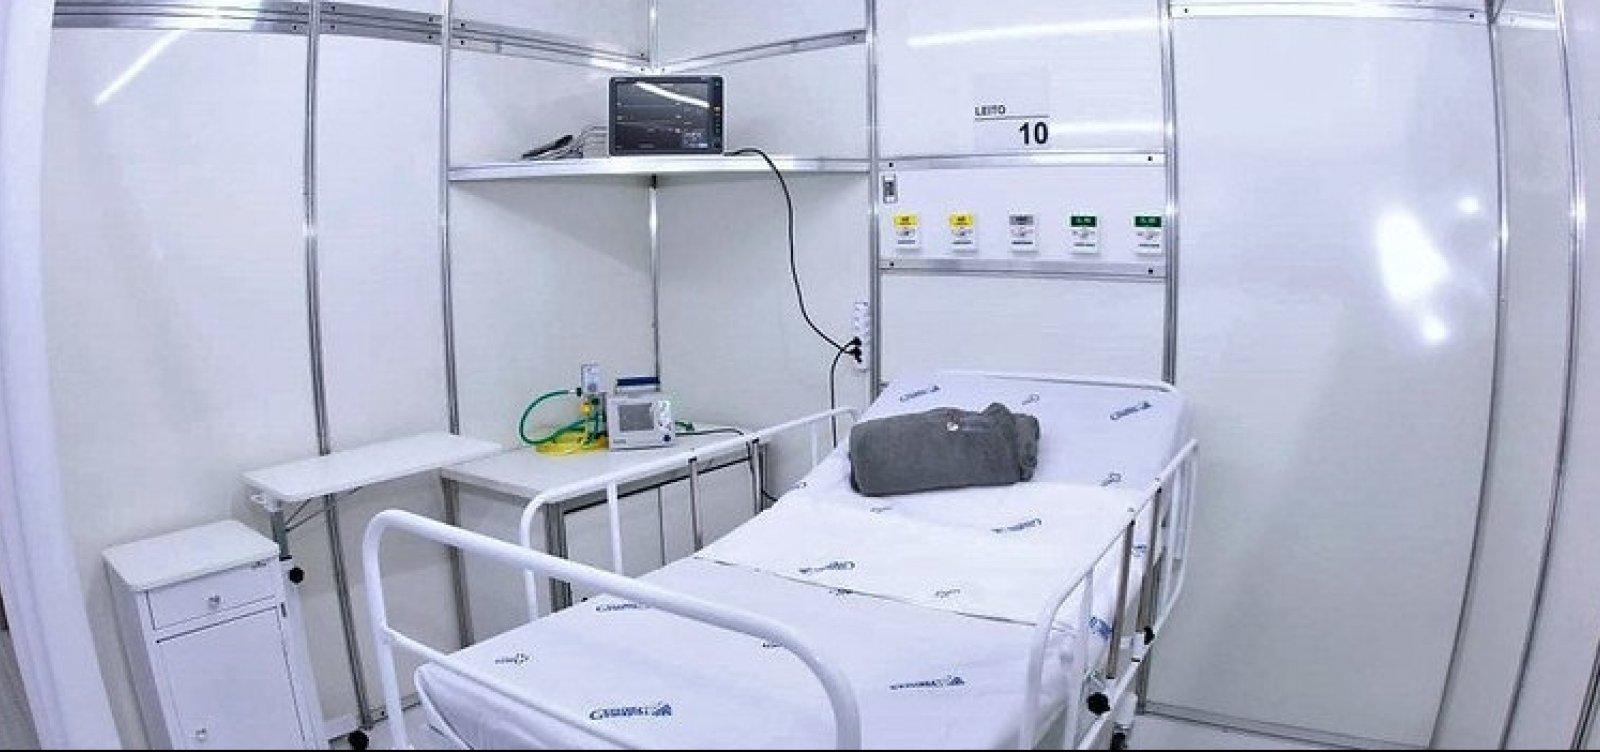 [Covid-19: Bahia registra mais 36 mortes e total de óbitos pela doença chega a 1.181 ]